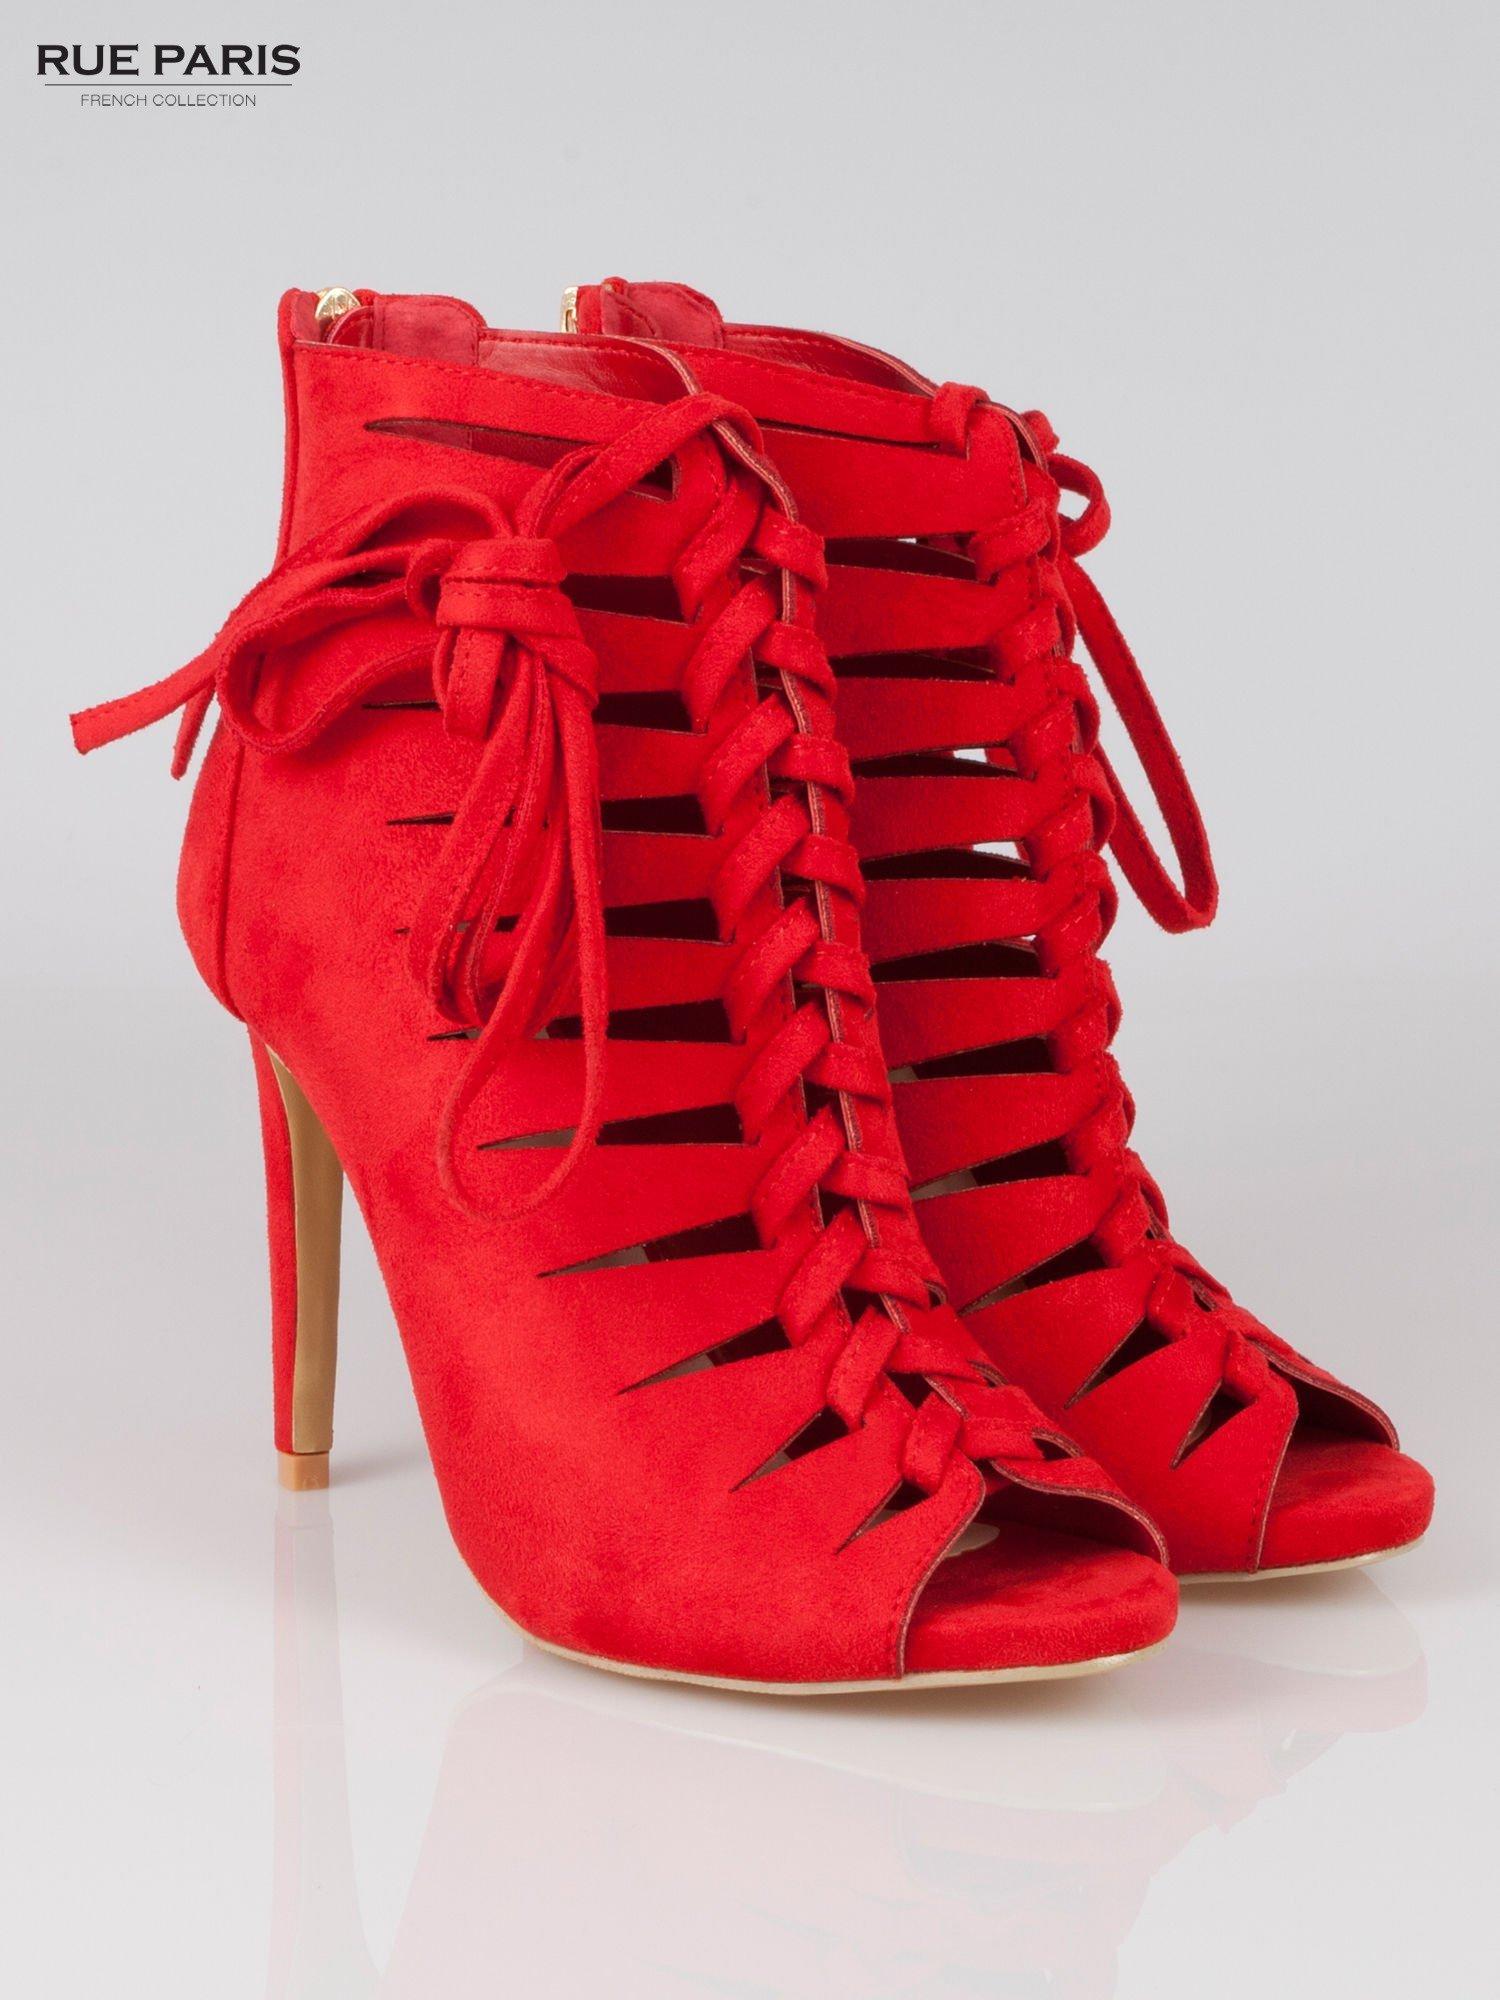 Czerwone sznurowane botki lace up z zamkiem                                  zdj.                                  2